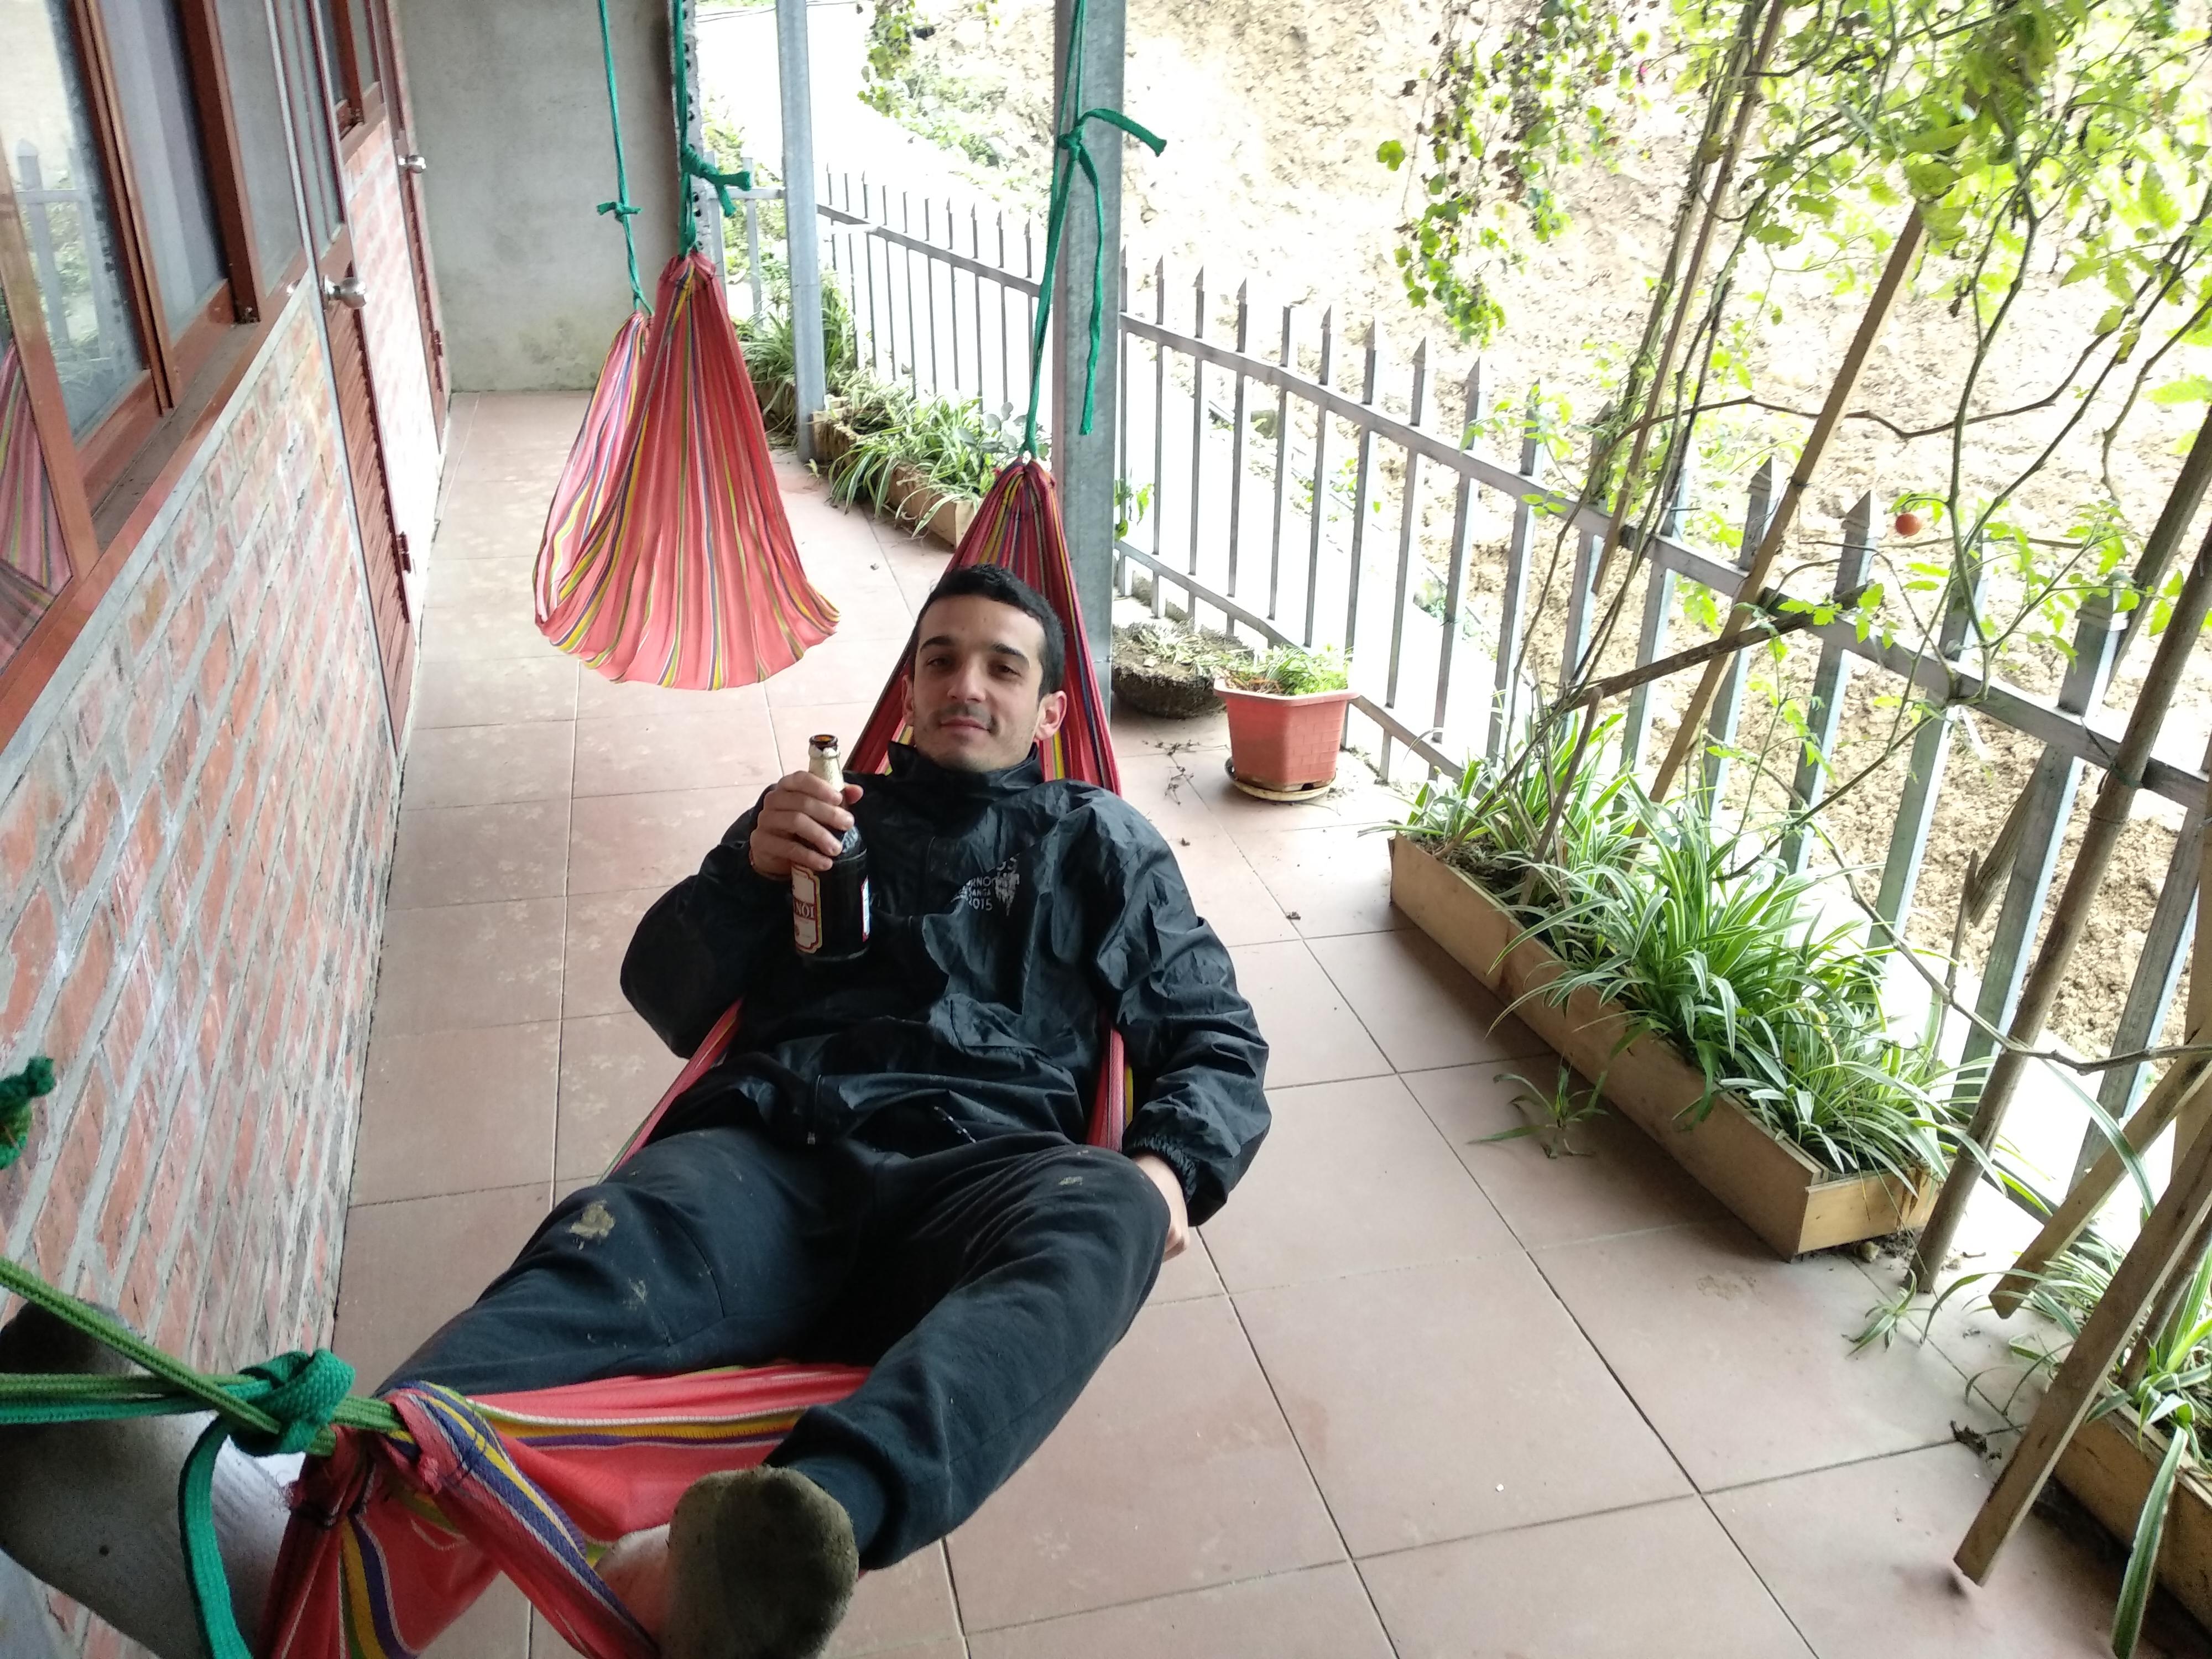 ¿Cómo conseguir alojamiento gratis o casi gratis? Lao Cai Sapa Vietnam